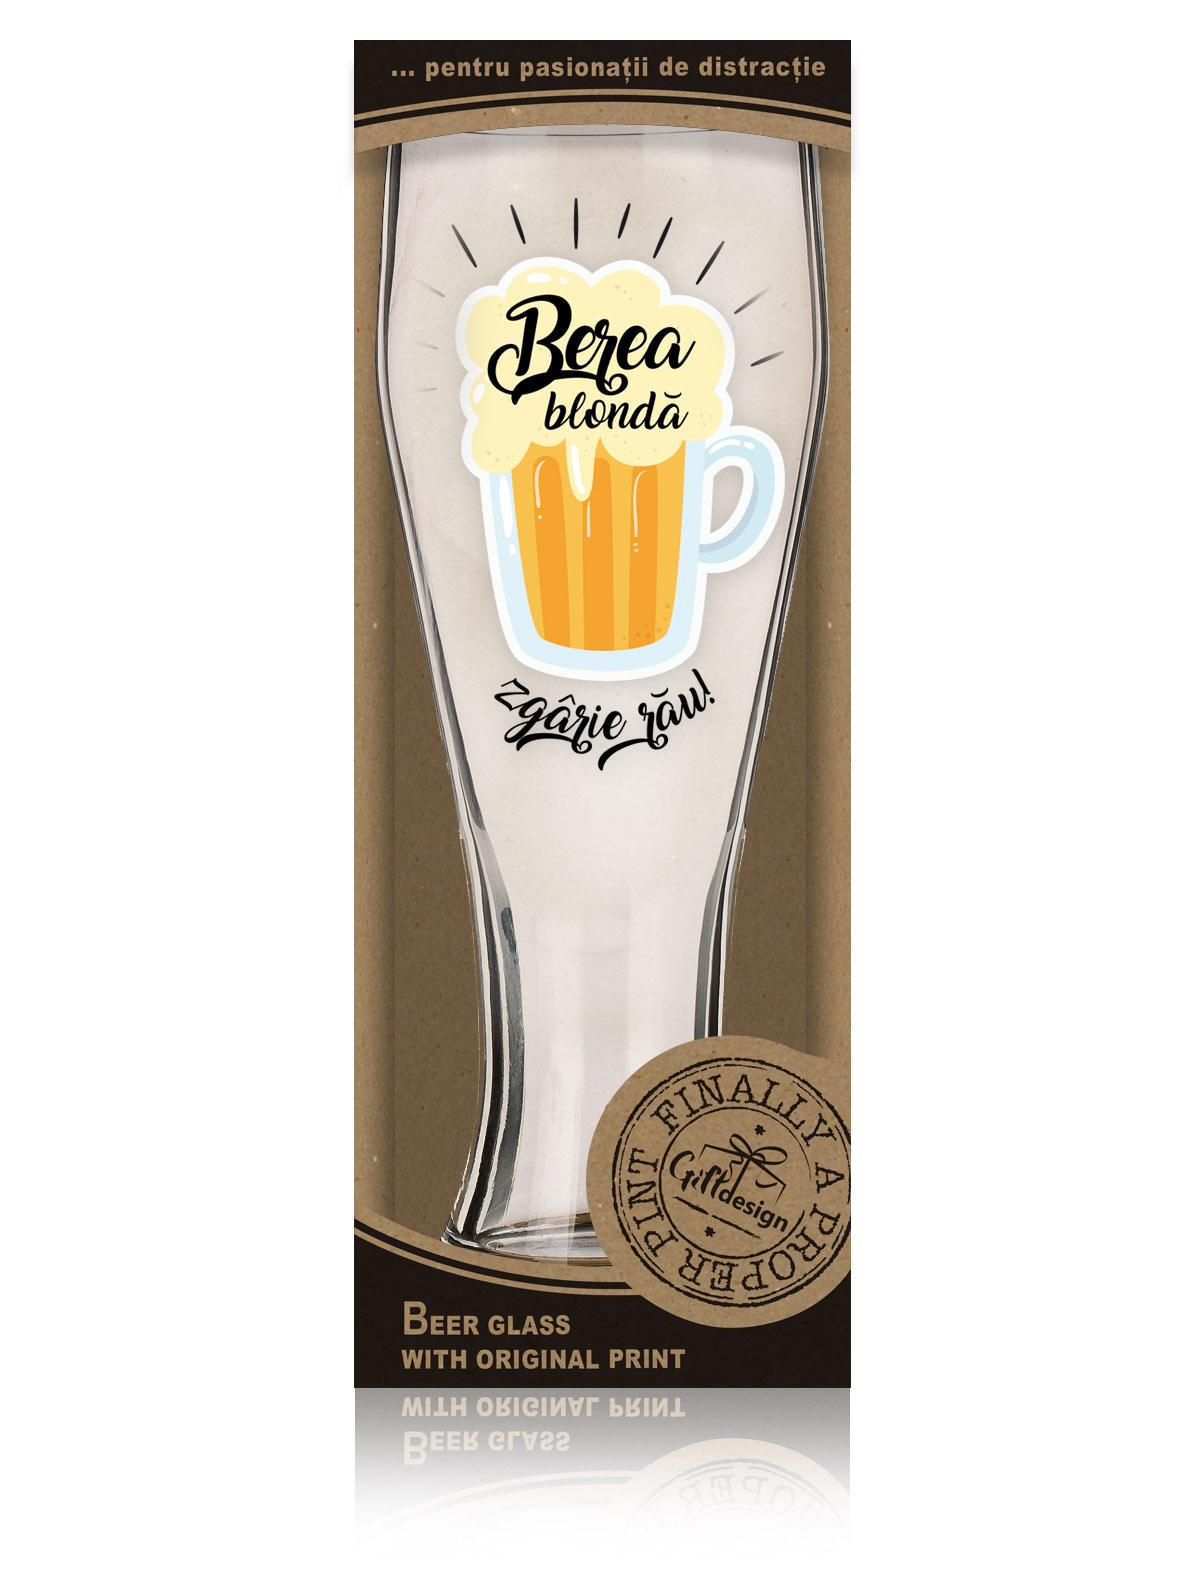 """Cutie pahar de bere """"Berea blonda zgaraie rau""""."""